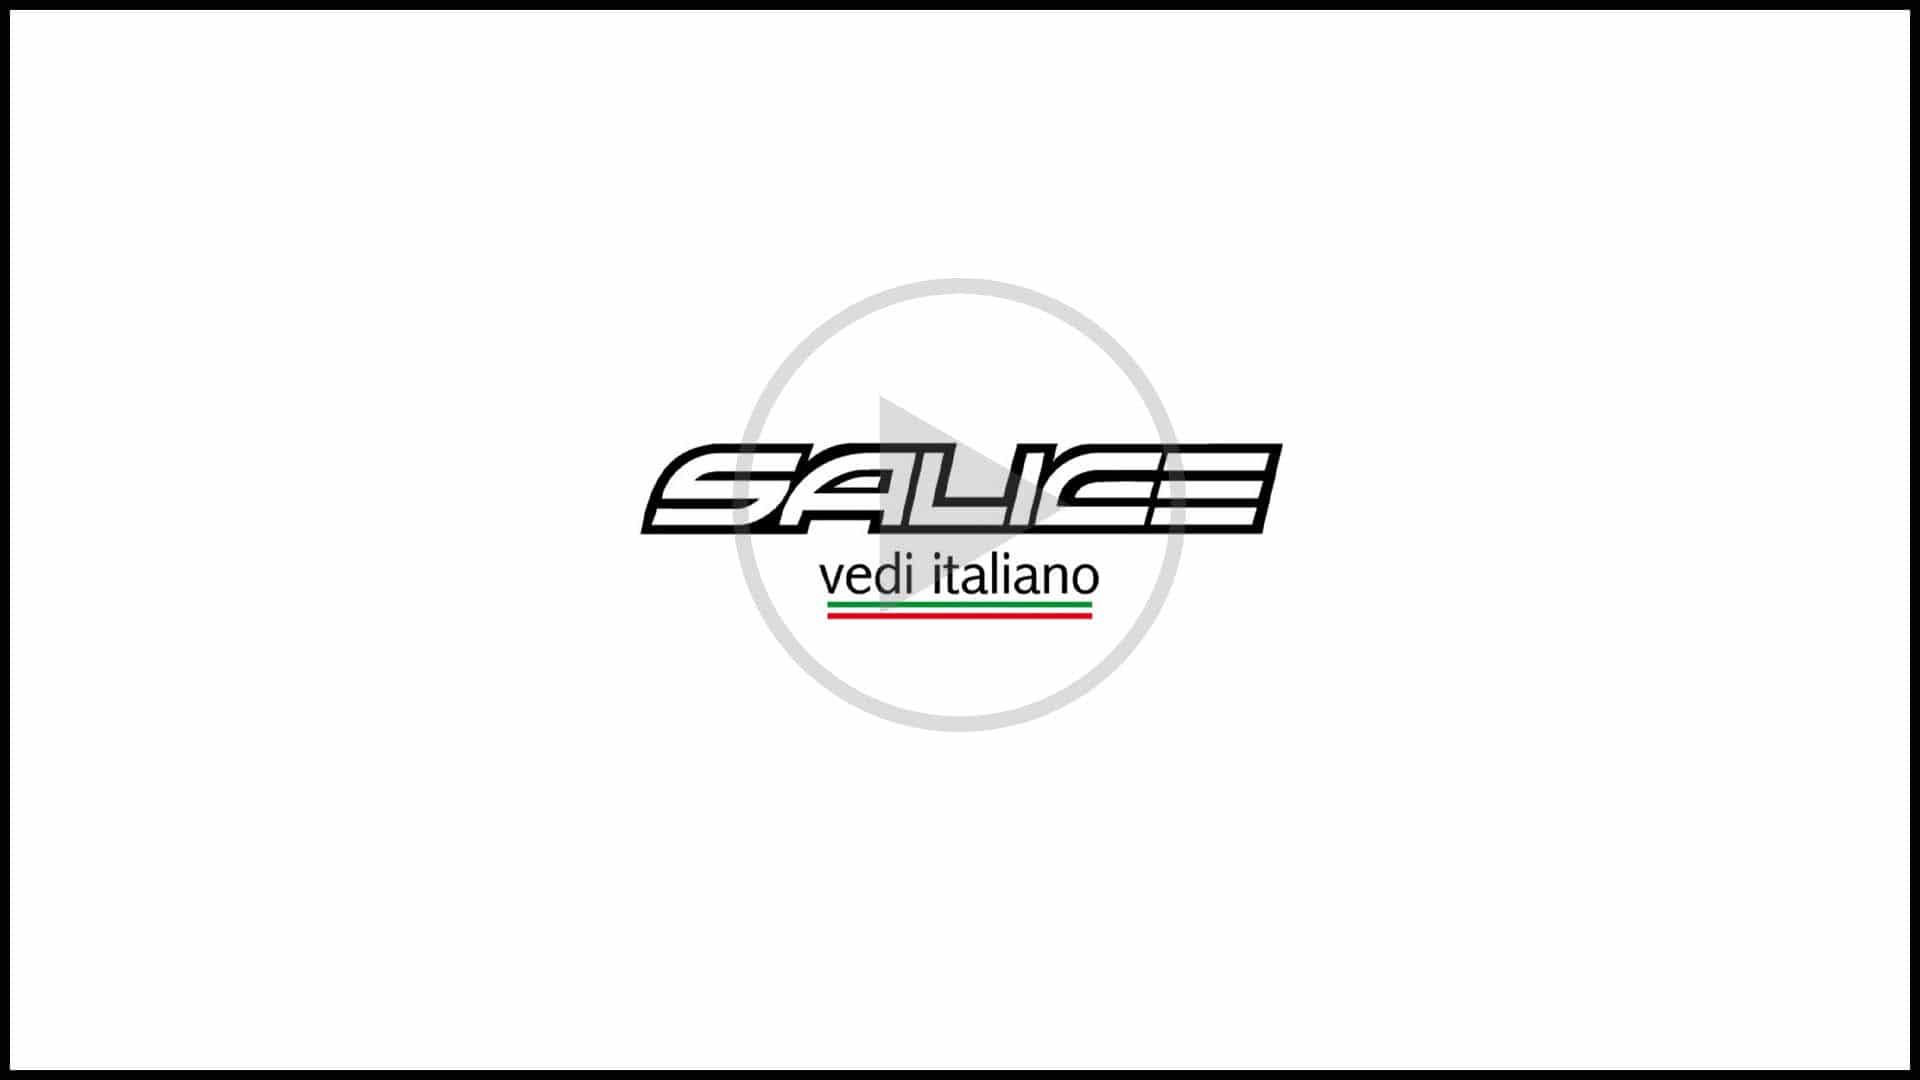 SaliceSpot